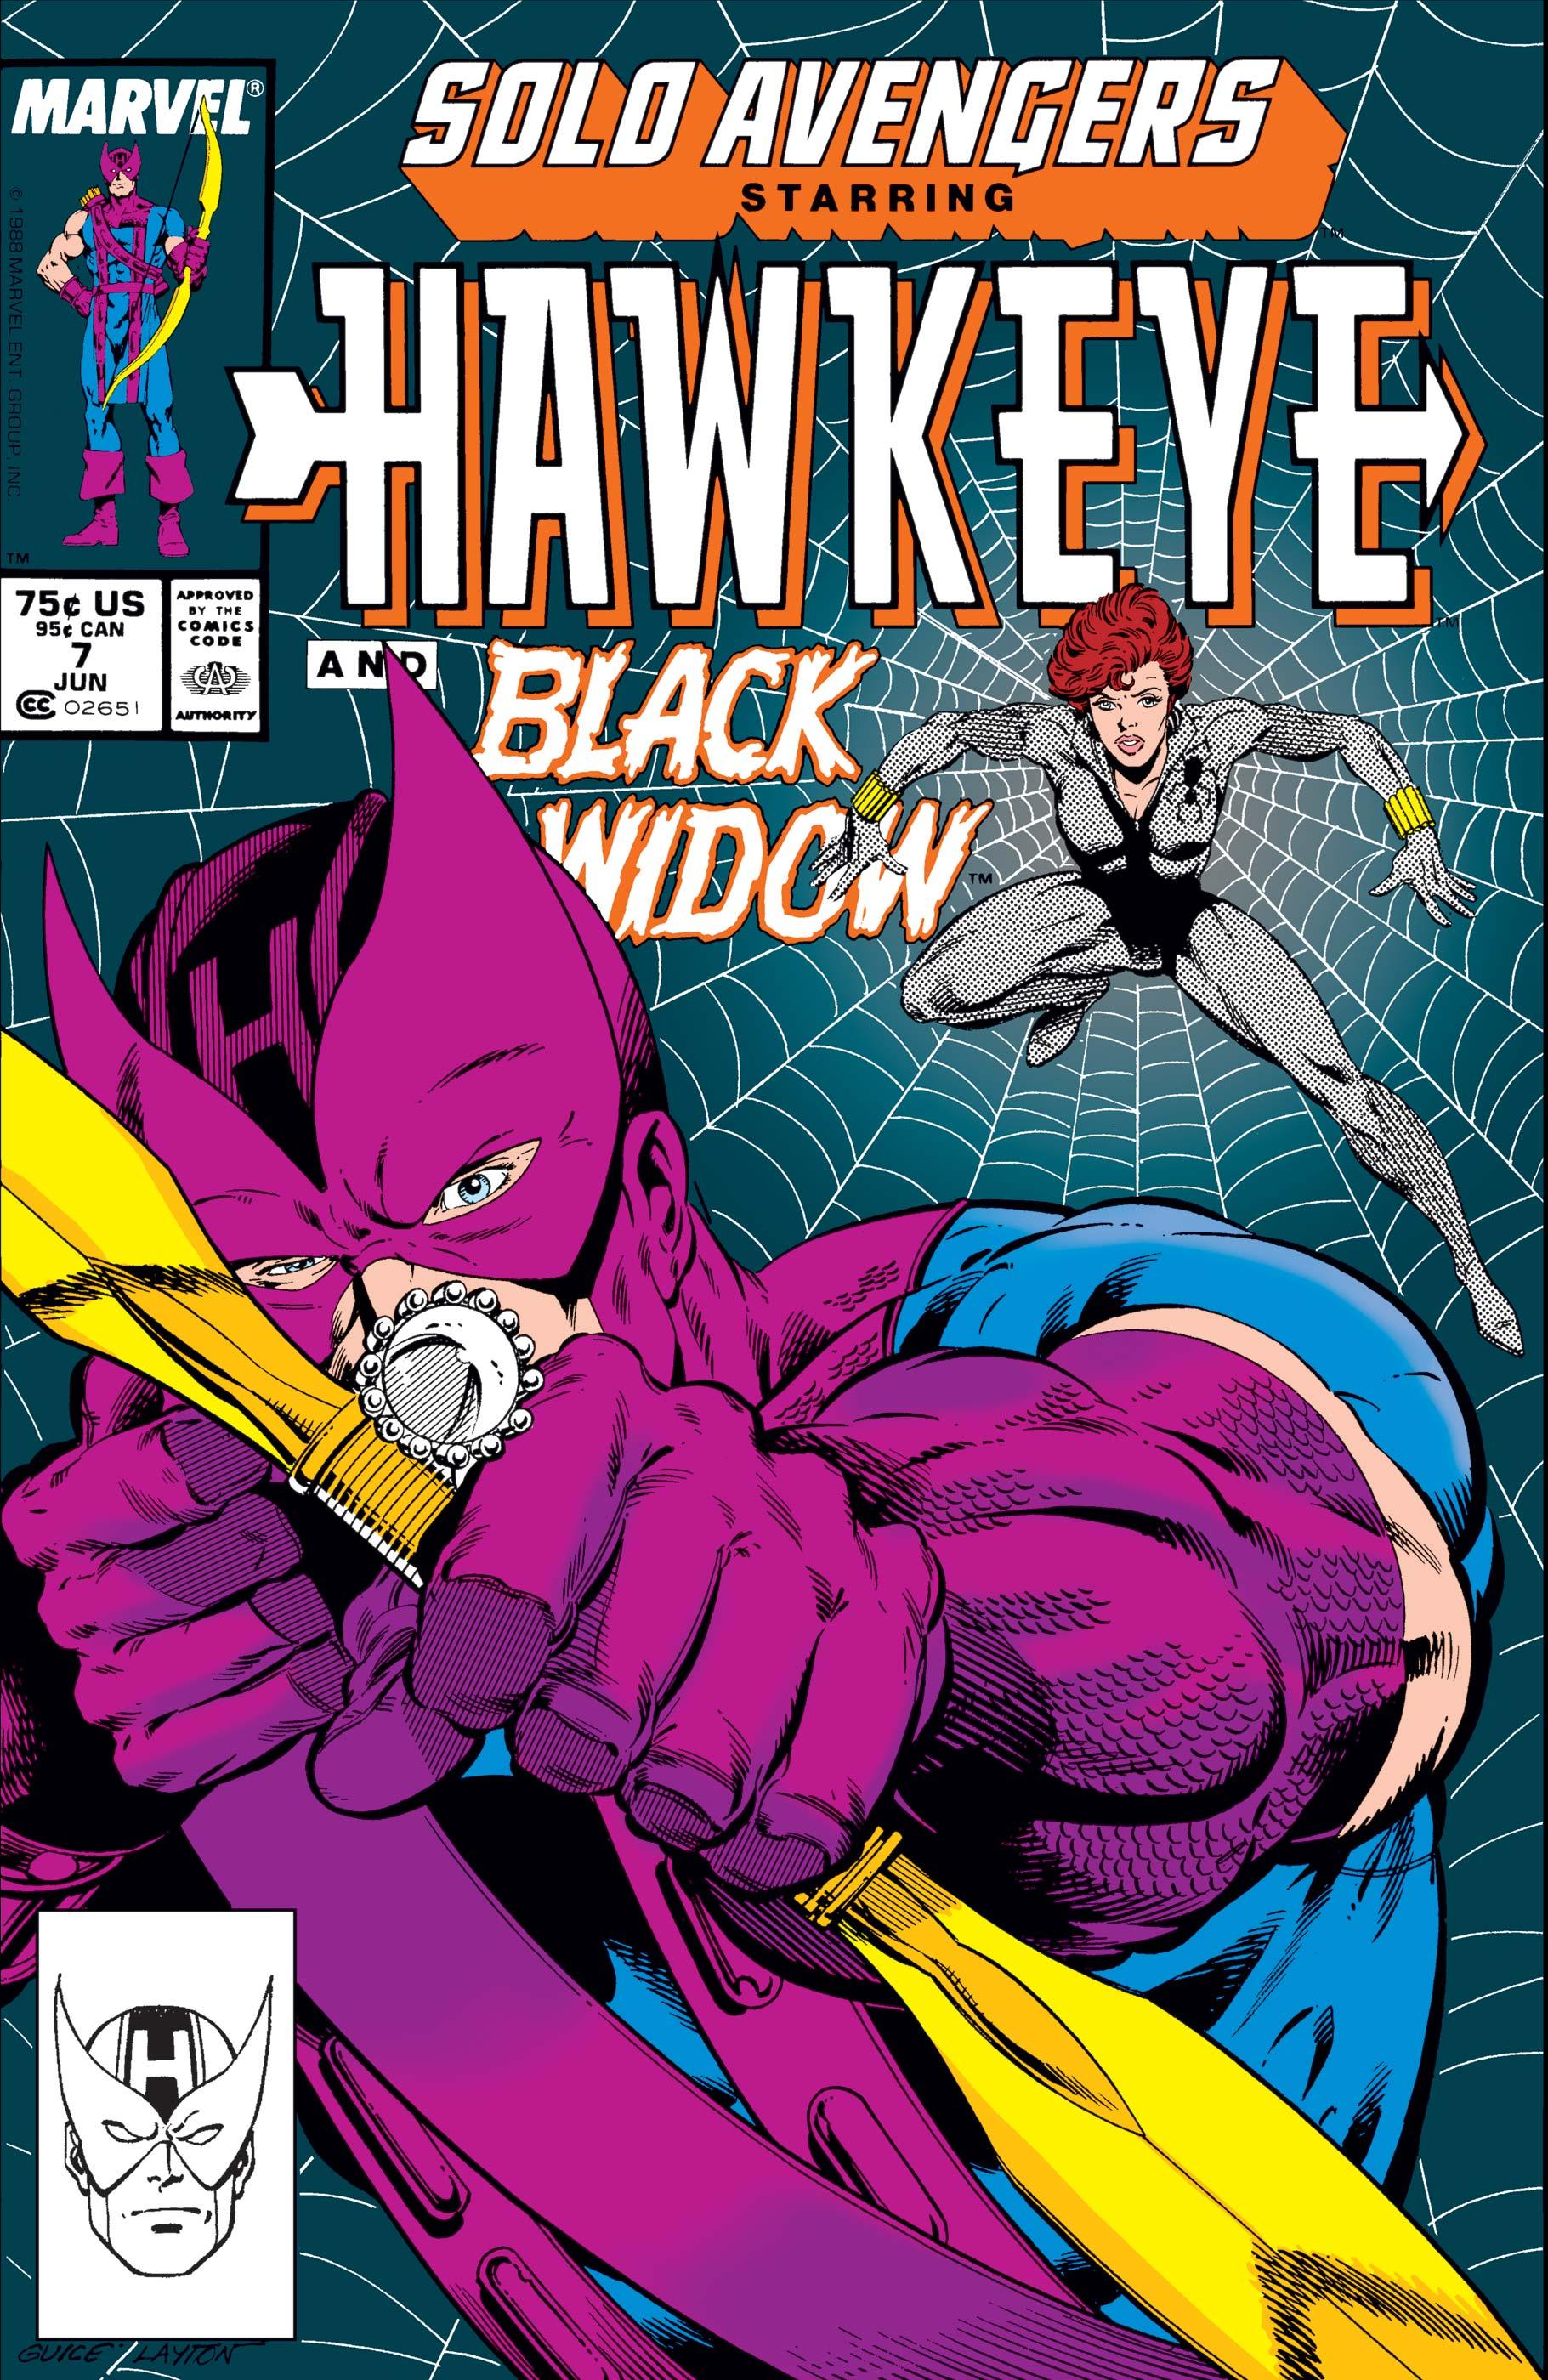 Solo Avengers (1987) #7